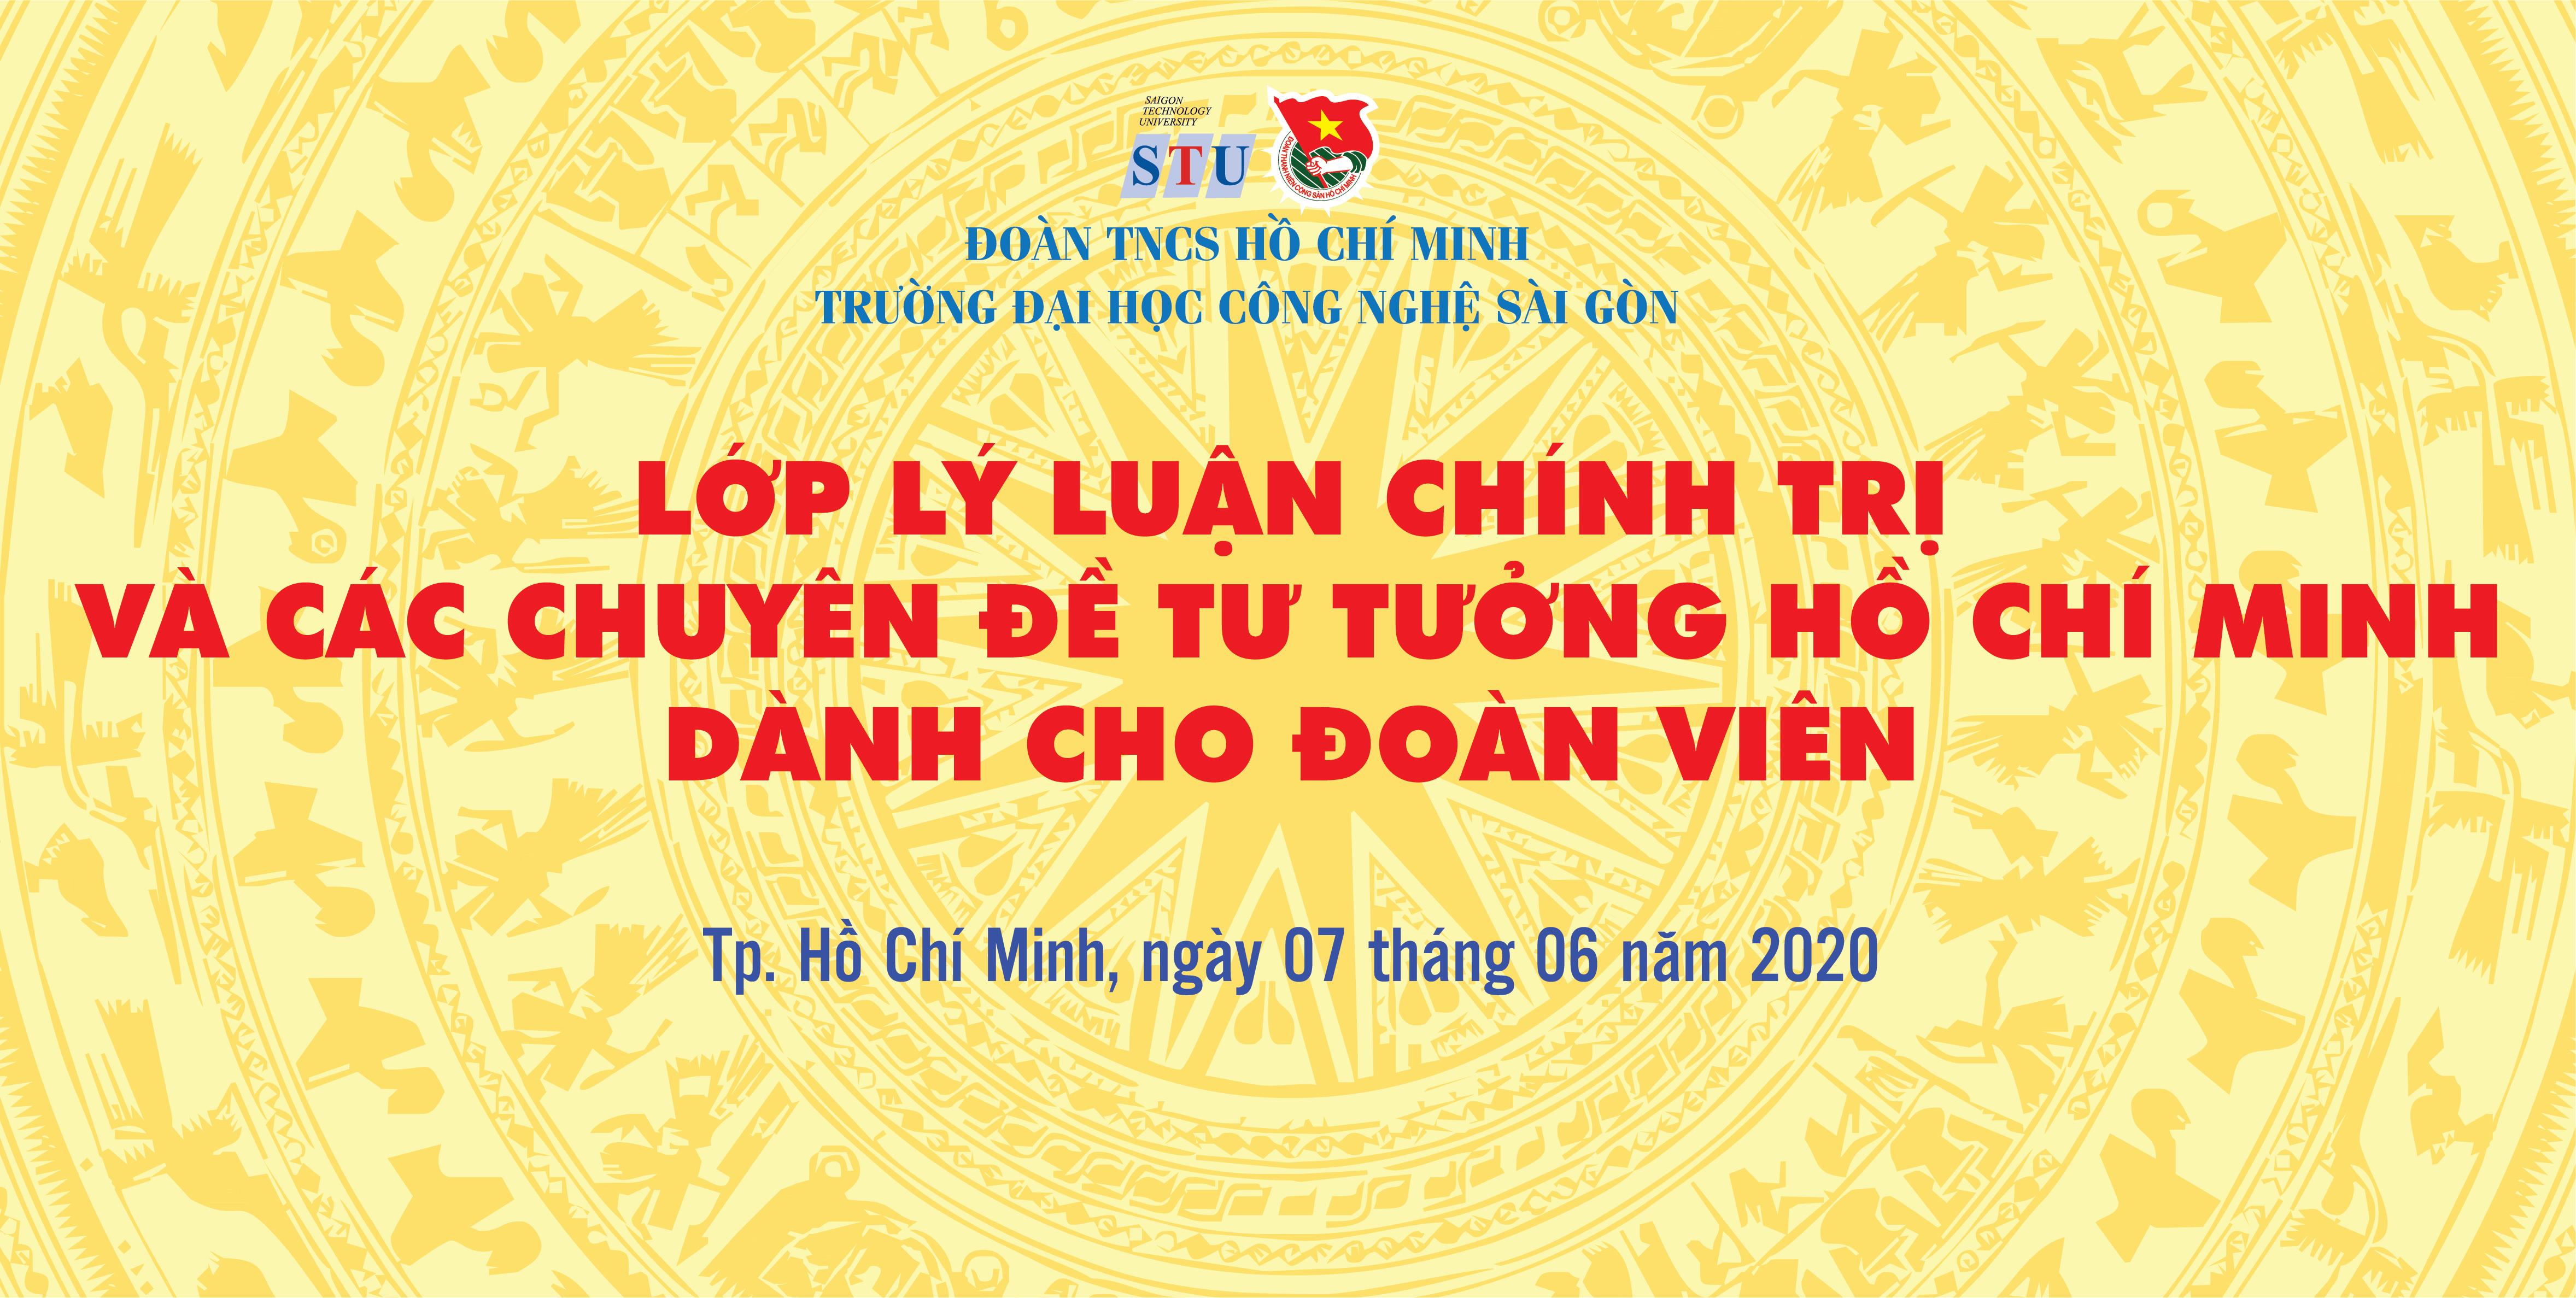 Lớp Học 4 Bài Lý Luận Chính Trị Năm 2020 Trường Đại Học Công Nghệ Sài Gòn